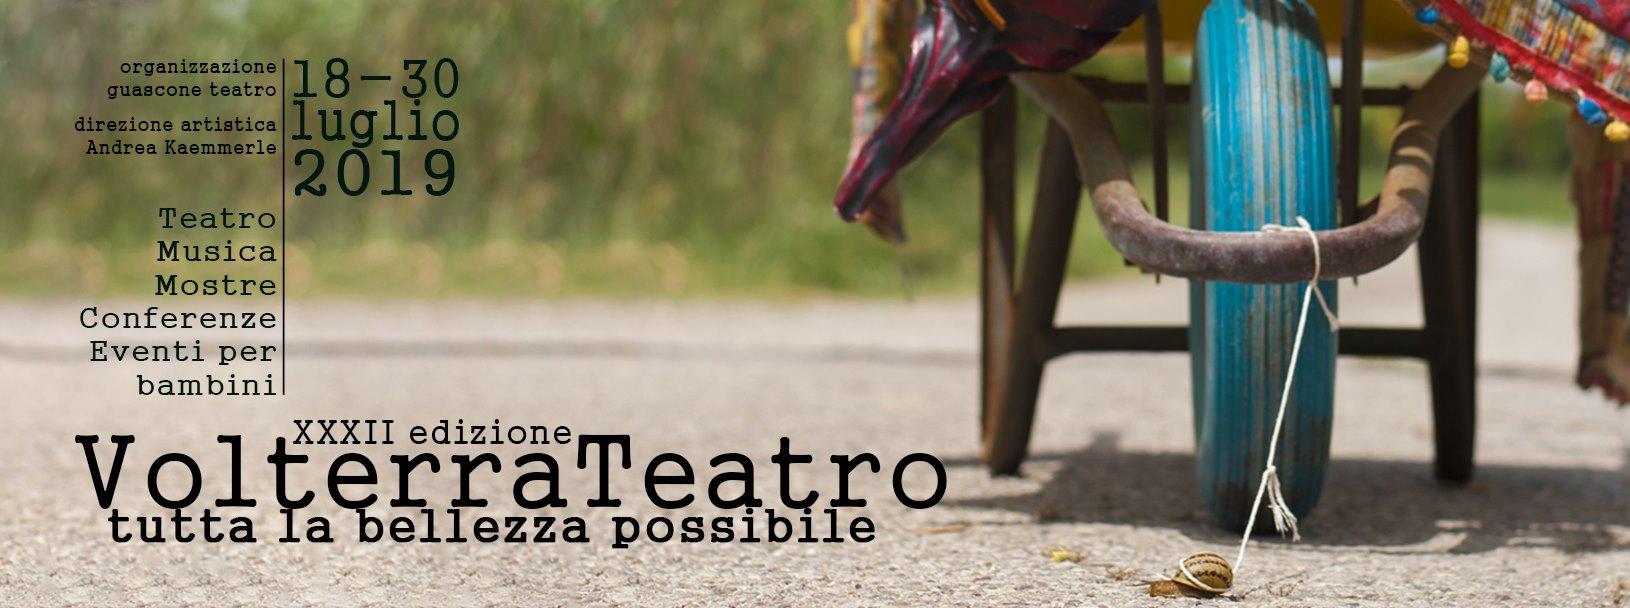 32° Volterra Teatro